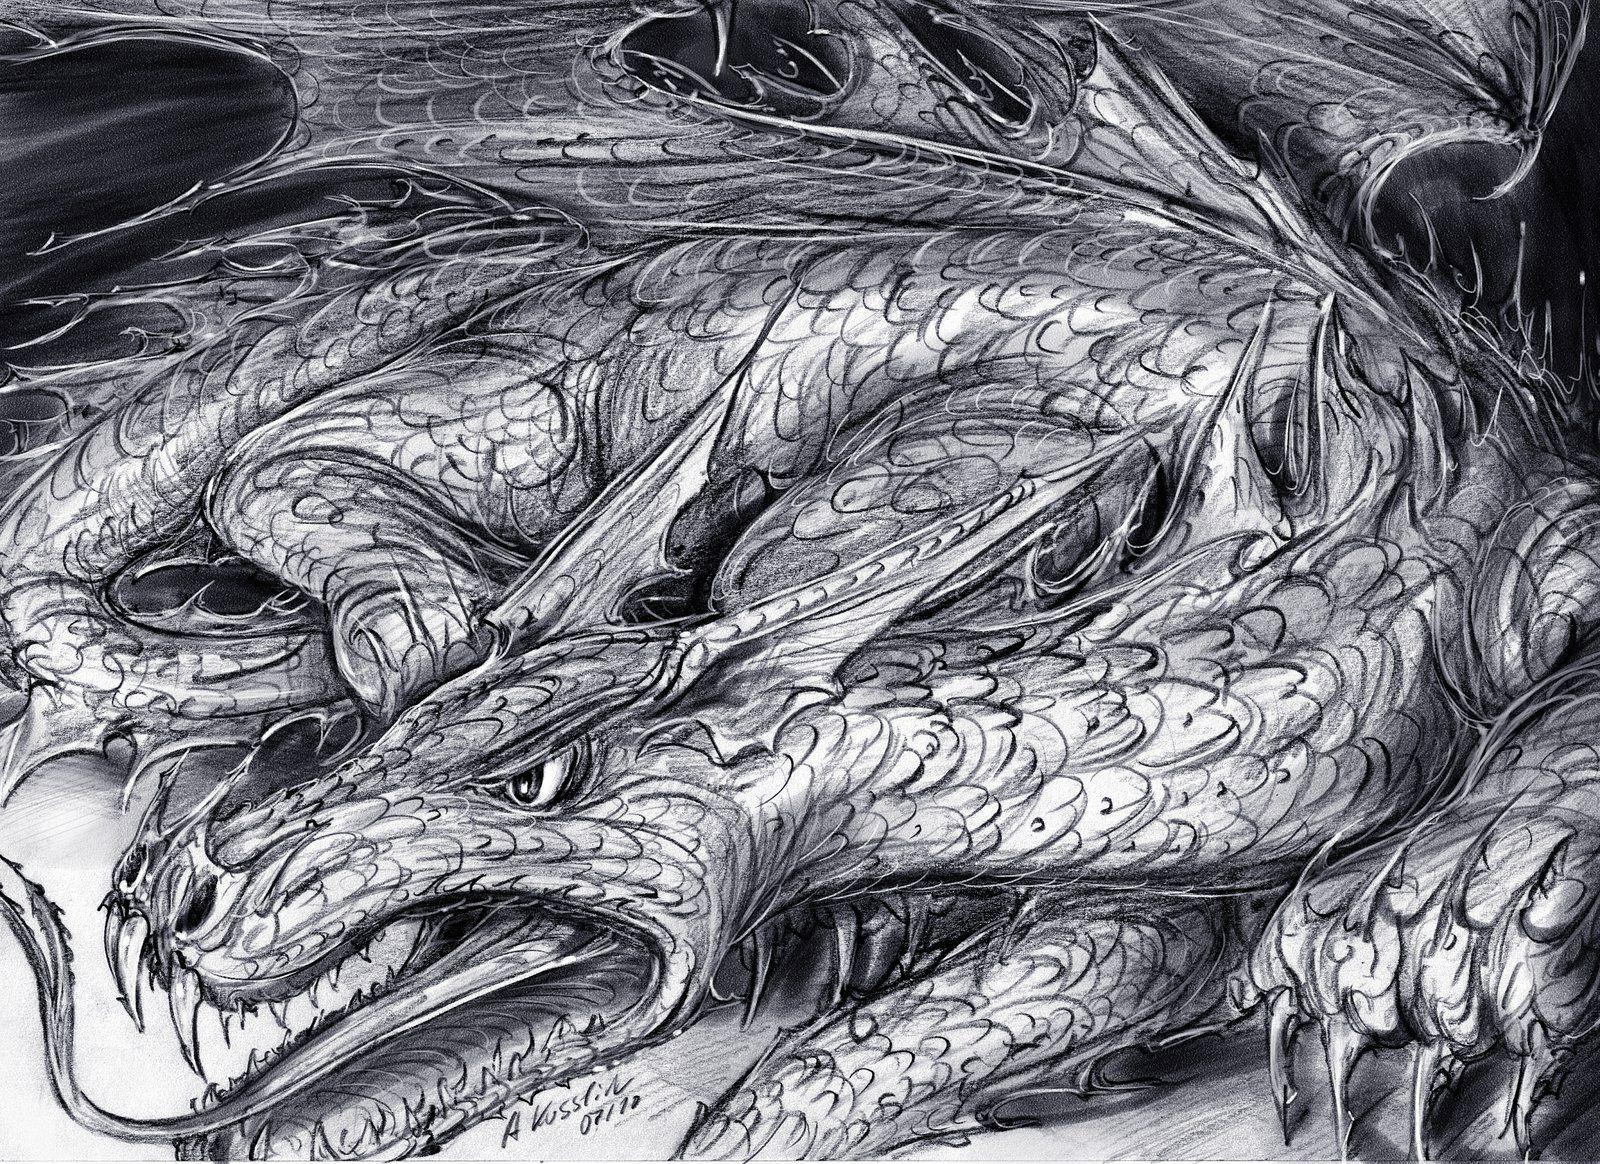 Дракон фафнир картинка